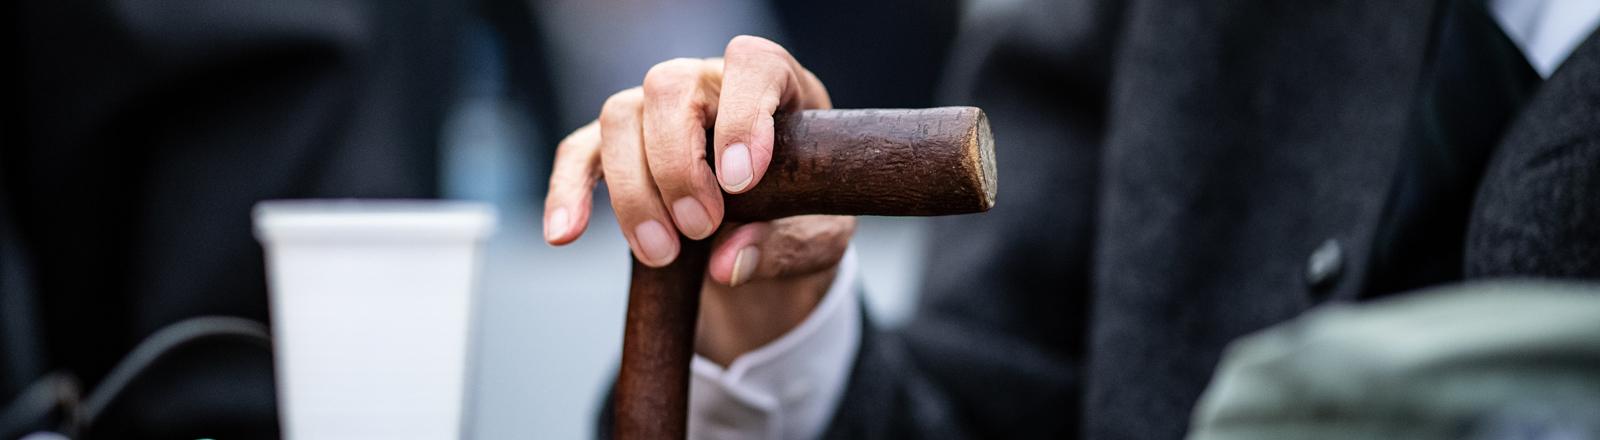 Ehemaliger SS-Wachmann vor Gericht